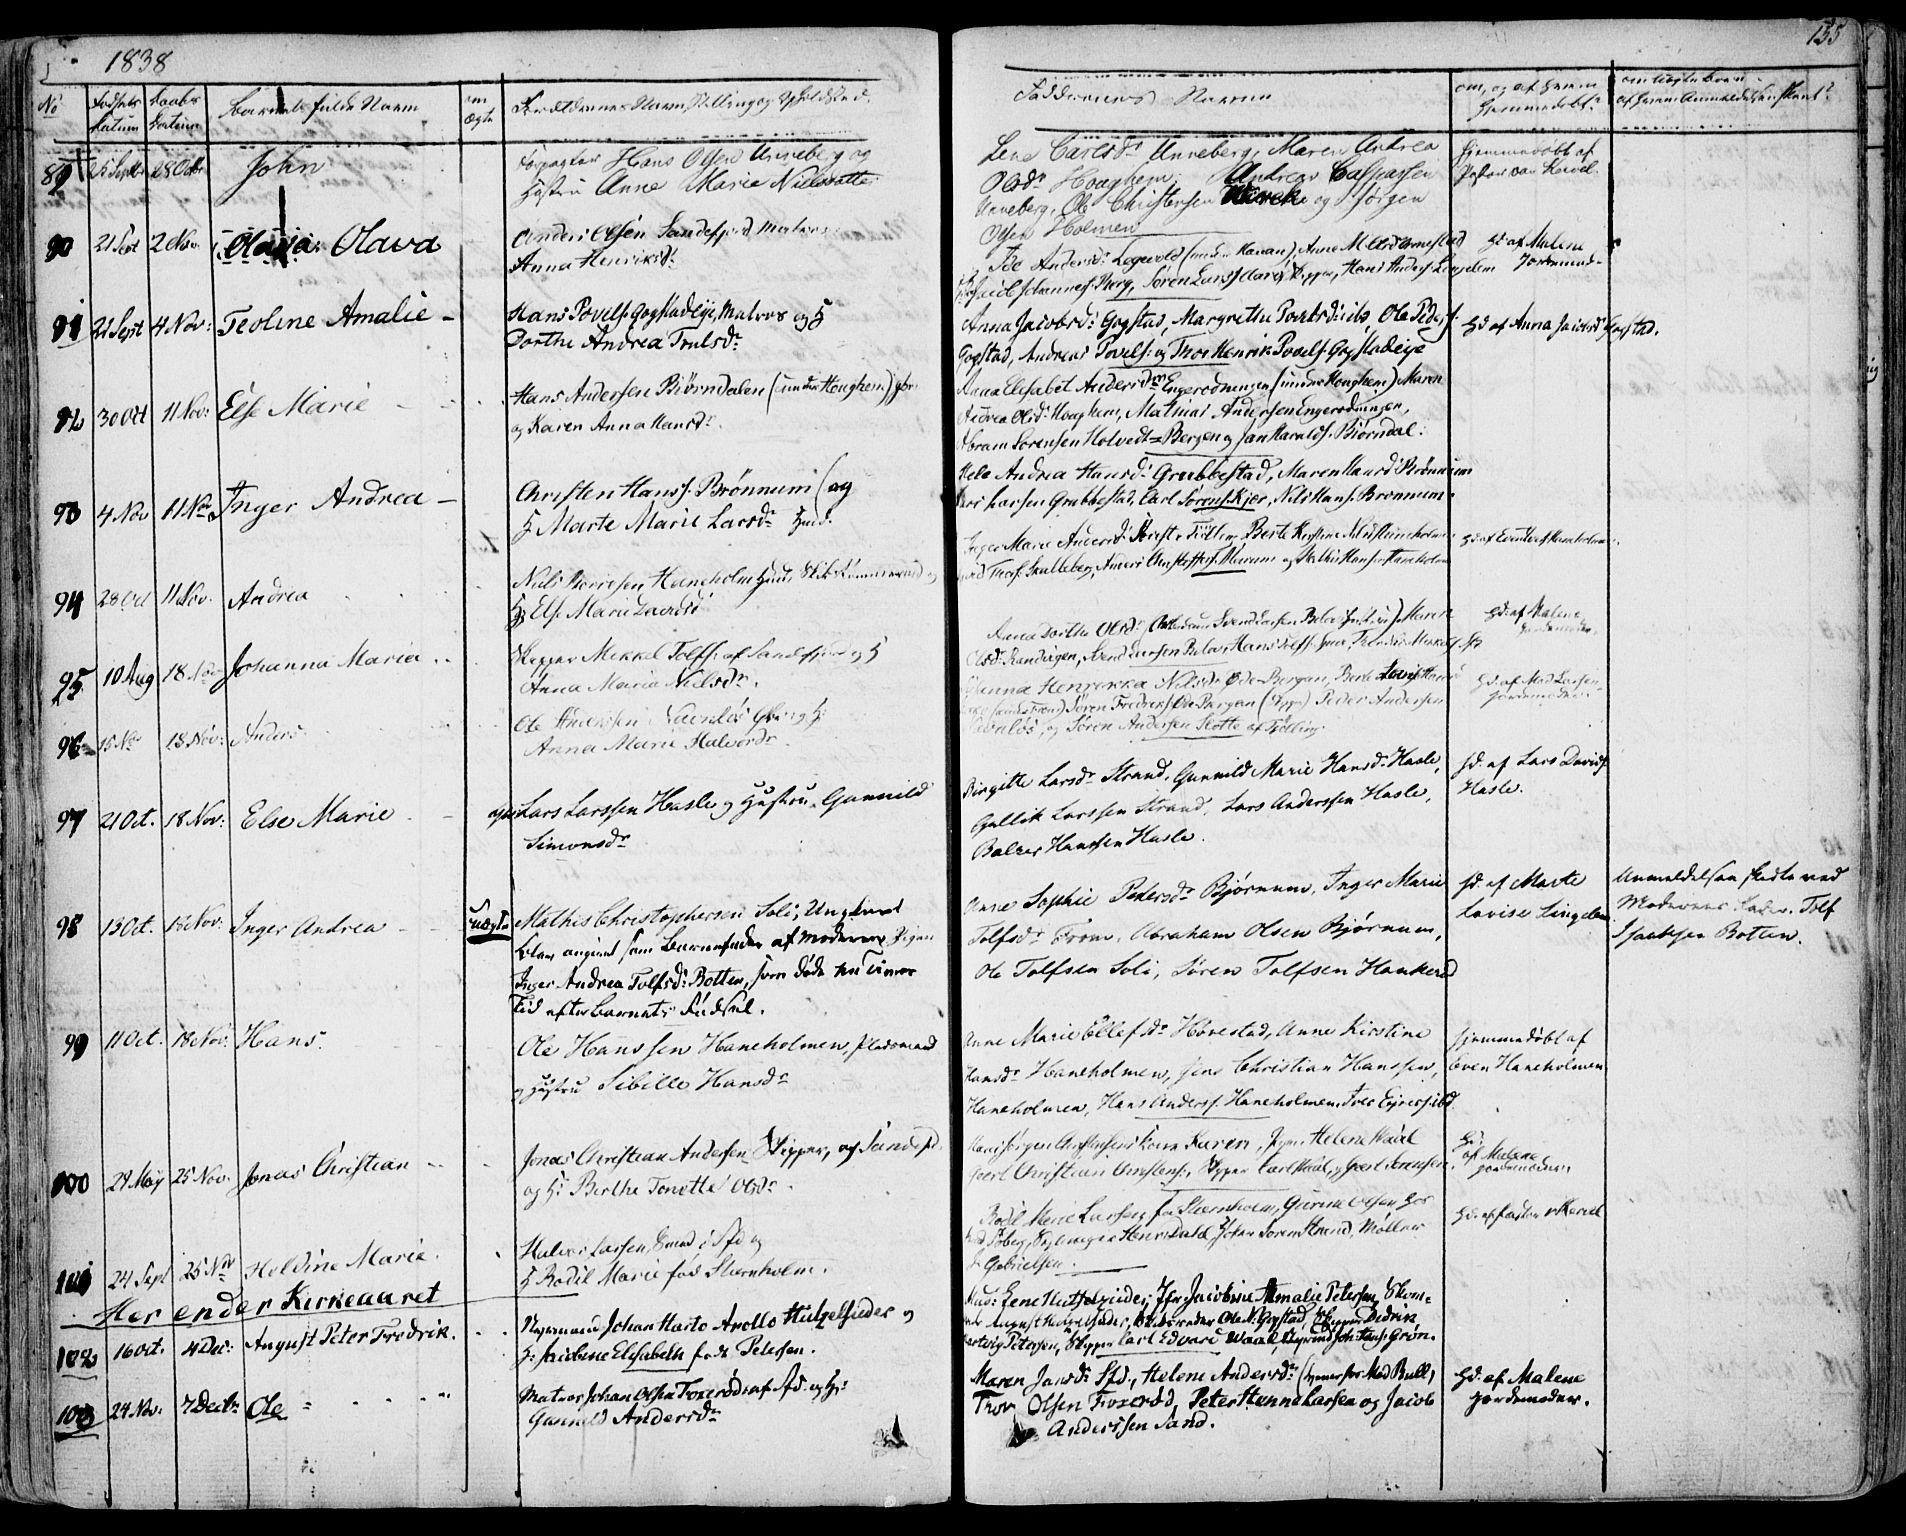 SAKO, Sandar kirkebøker, F/Fa/L0005: Ministerialbok nr. 5, 1832-1847, s. 154-155